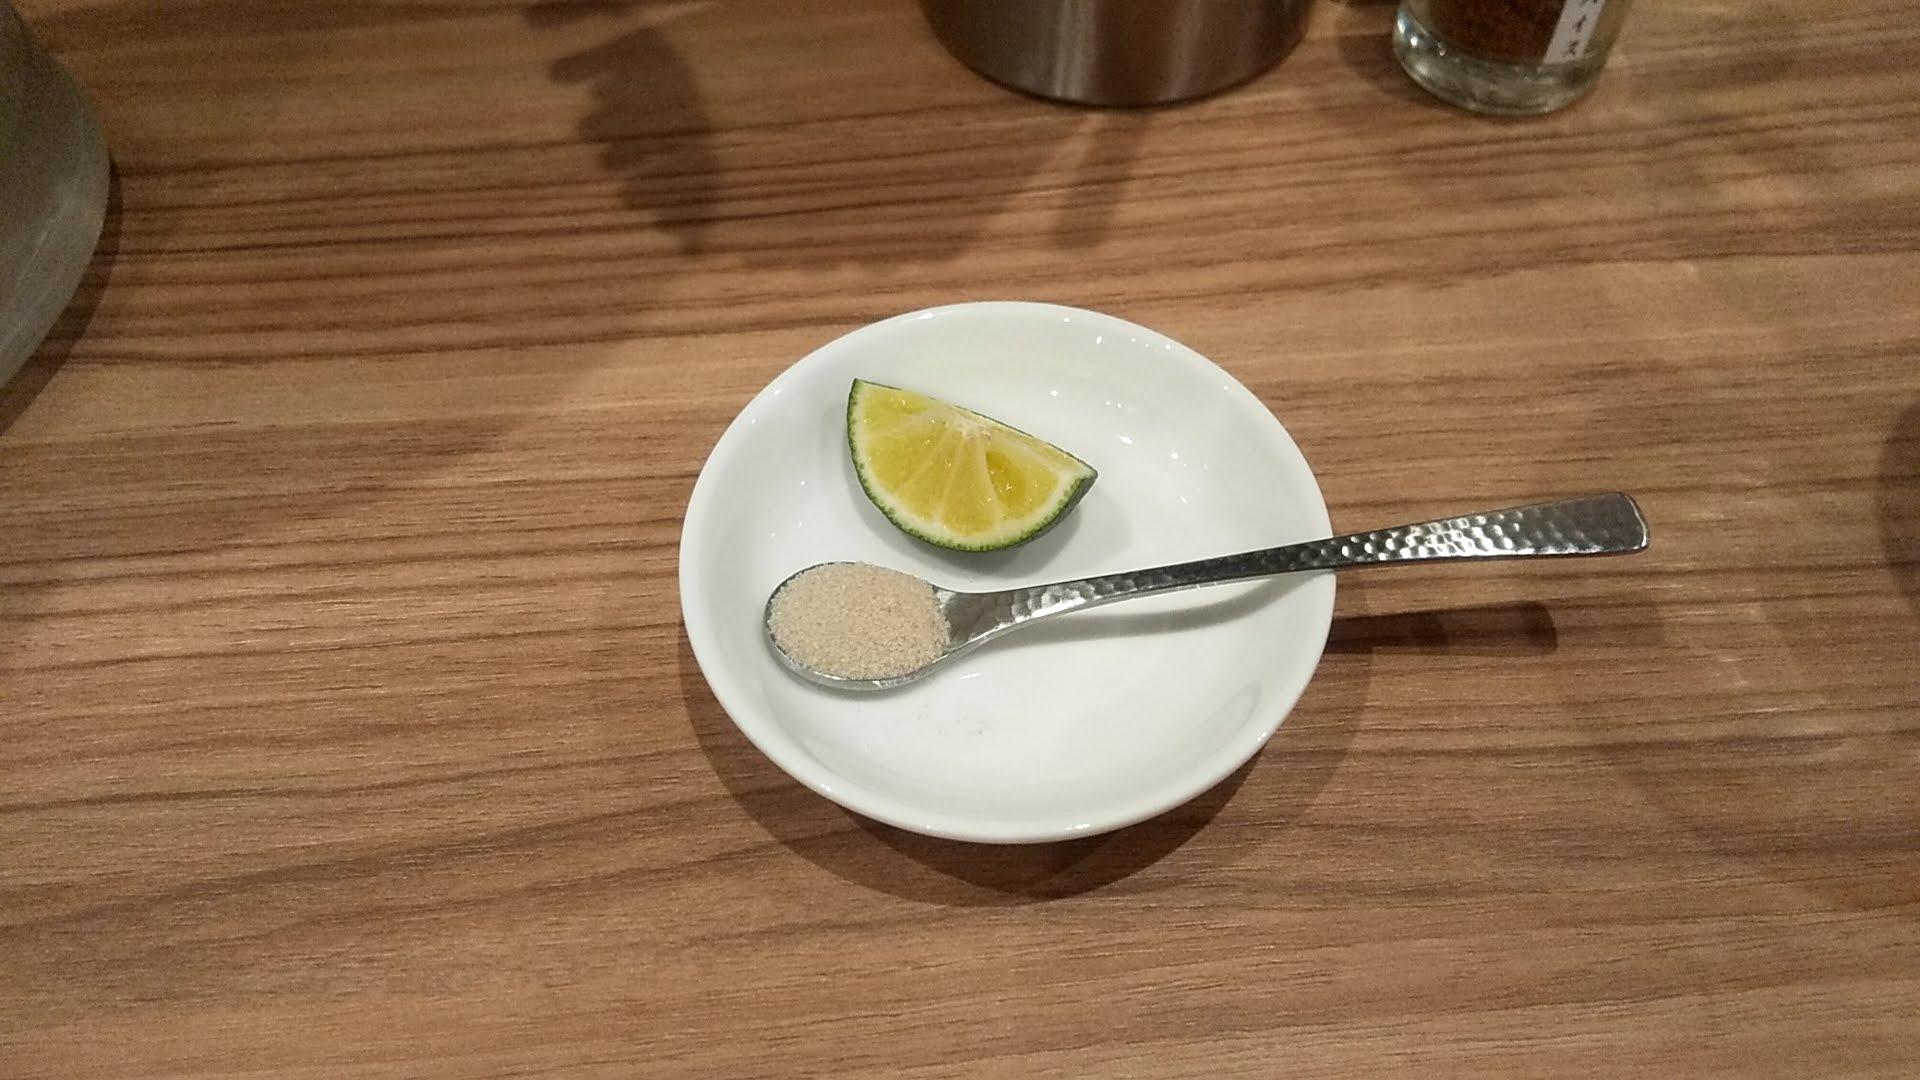 ほん田秋葉原店で最初に提供されたすだちと塩